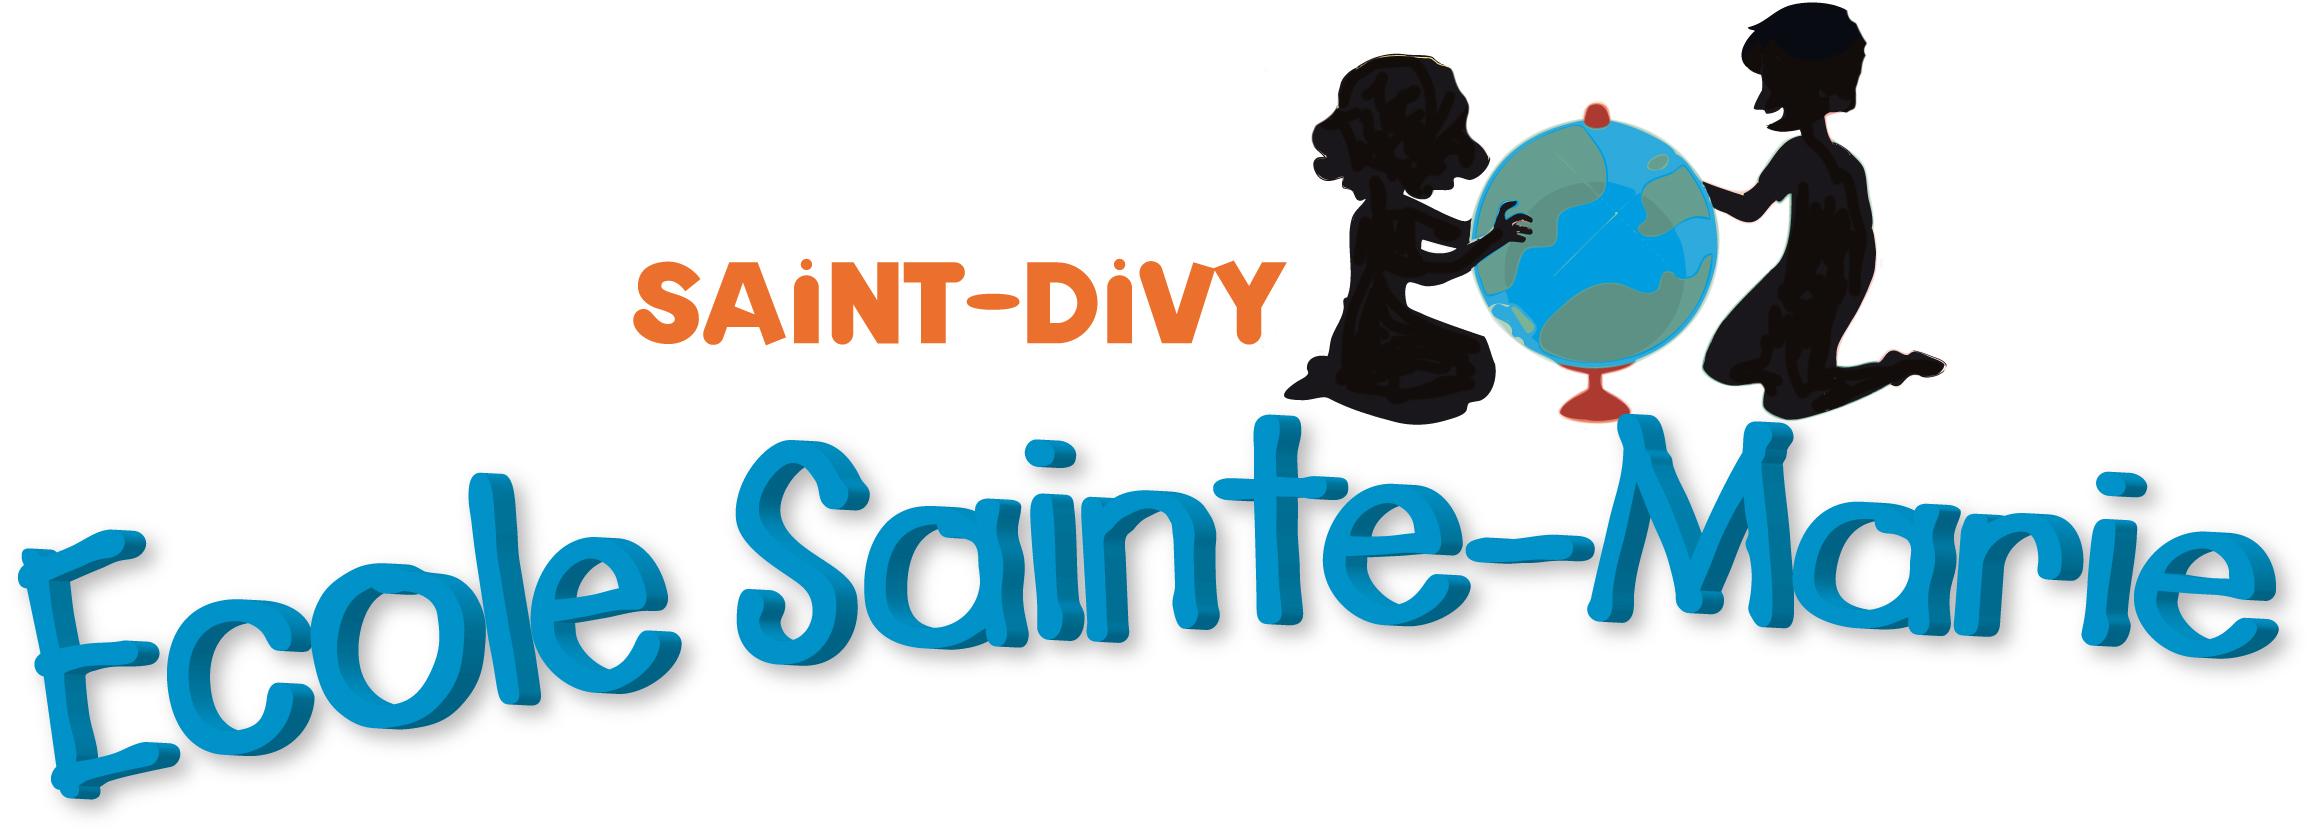 Ecole Sainte-Marie - SAINT DIVY